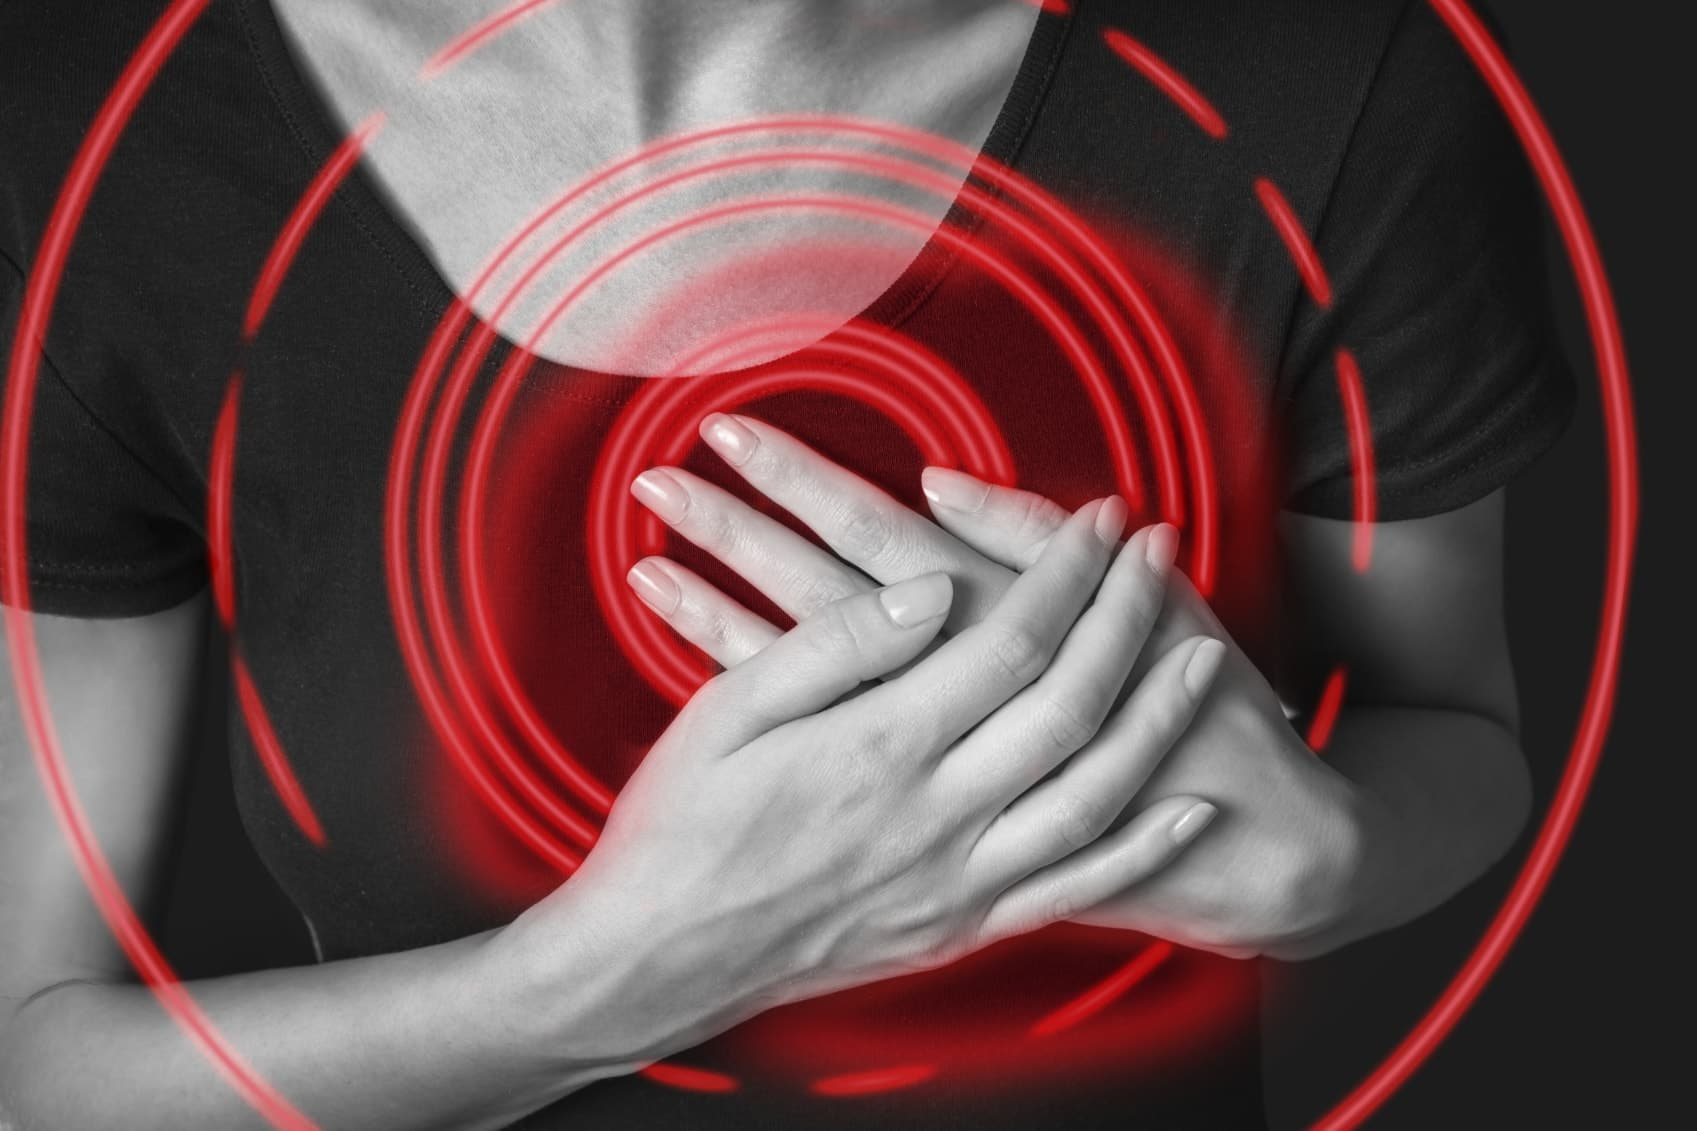 симптом патологии груди